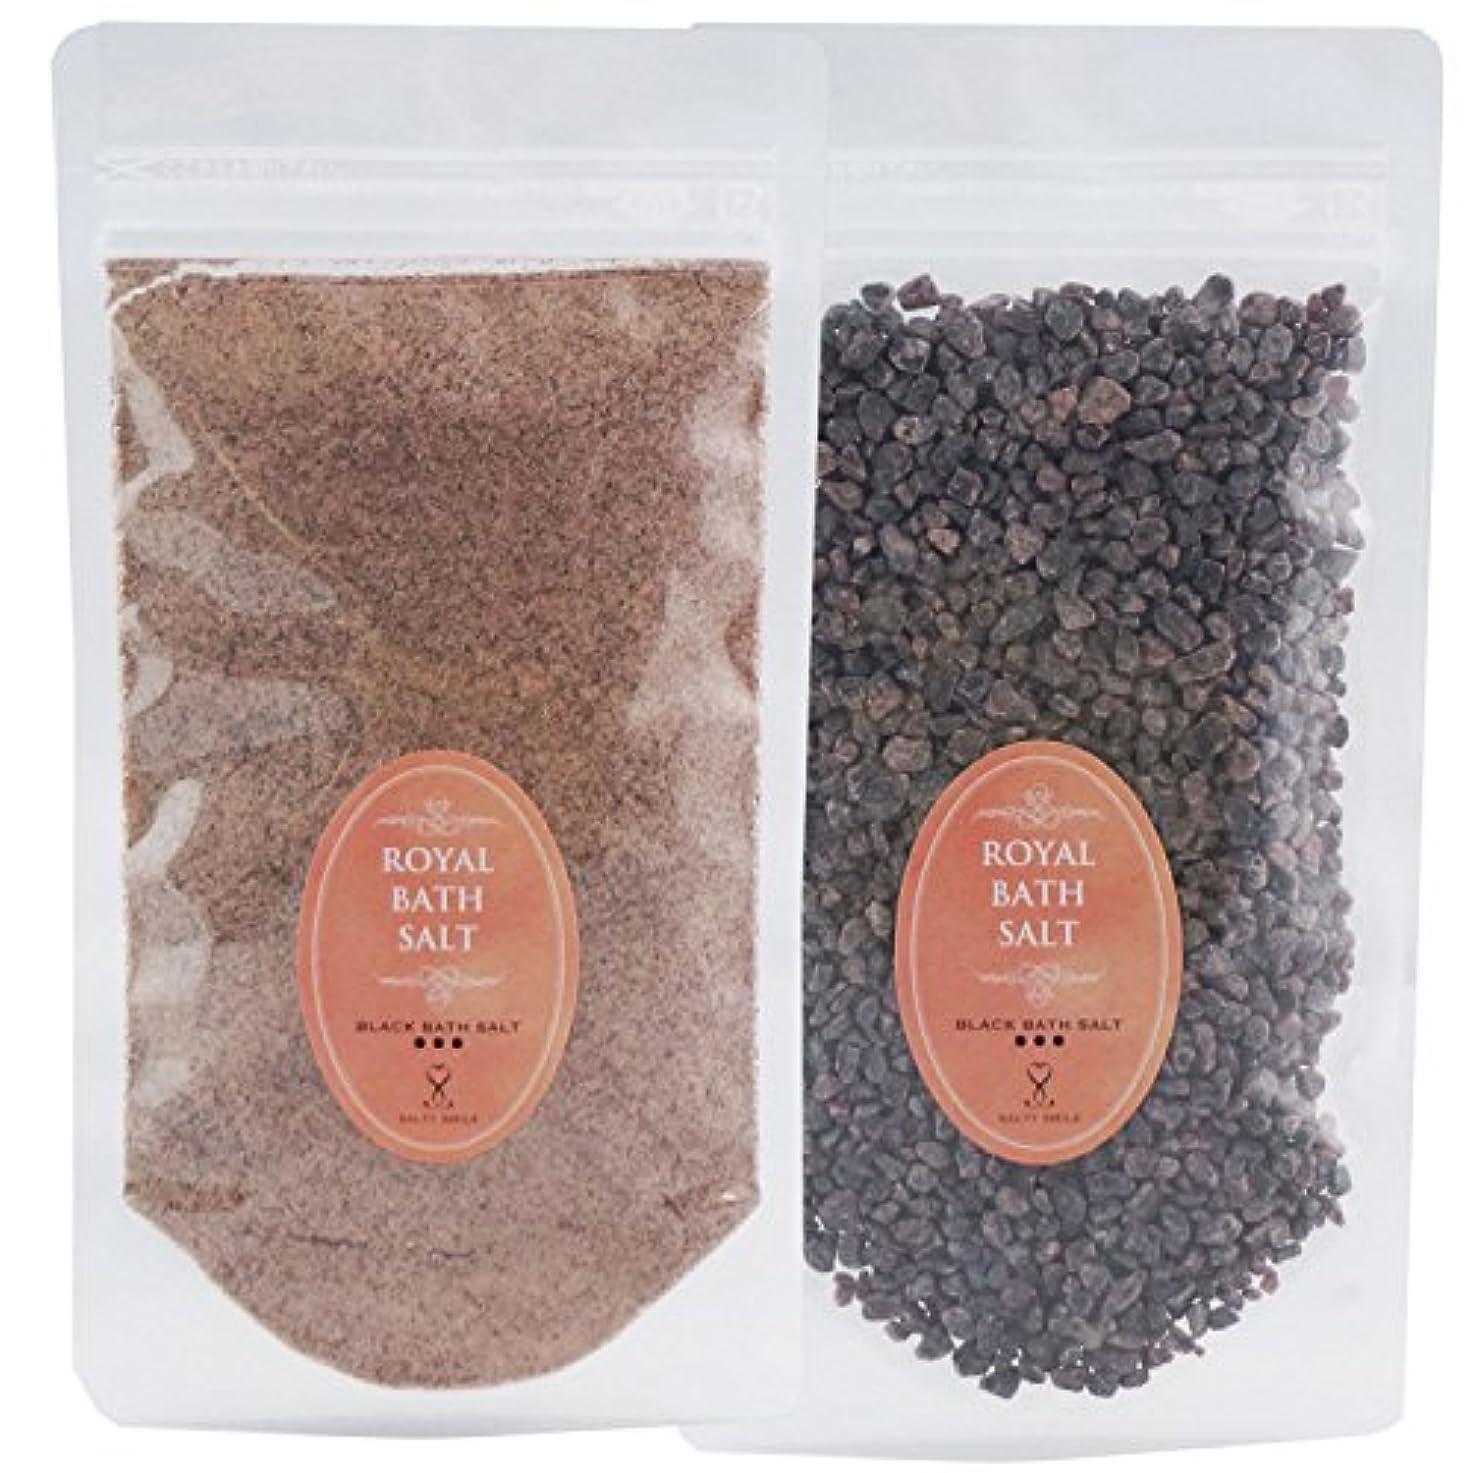 結婚する違反解放するロイヤル バスソルト ヒマラヤ岩塩 ブラック パウダー グレイン 各200g 粗粒 粉 ROYAL BATH SALT